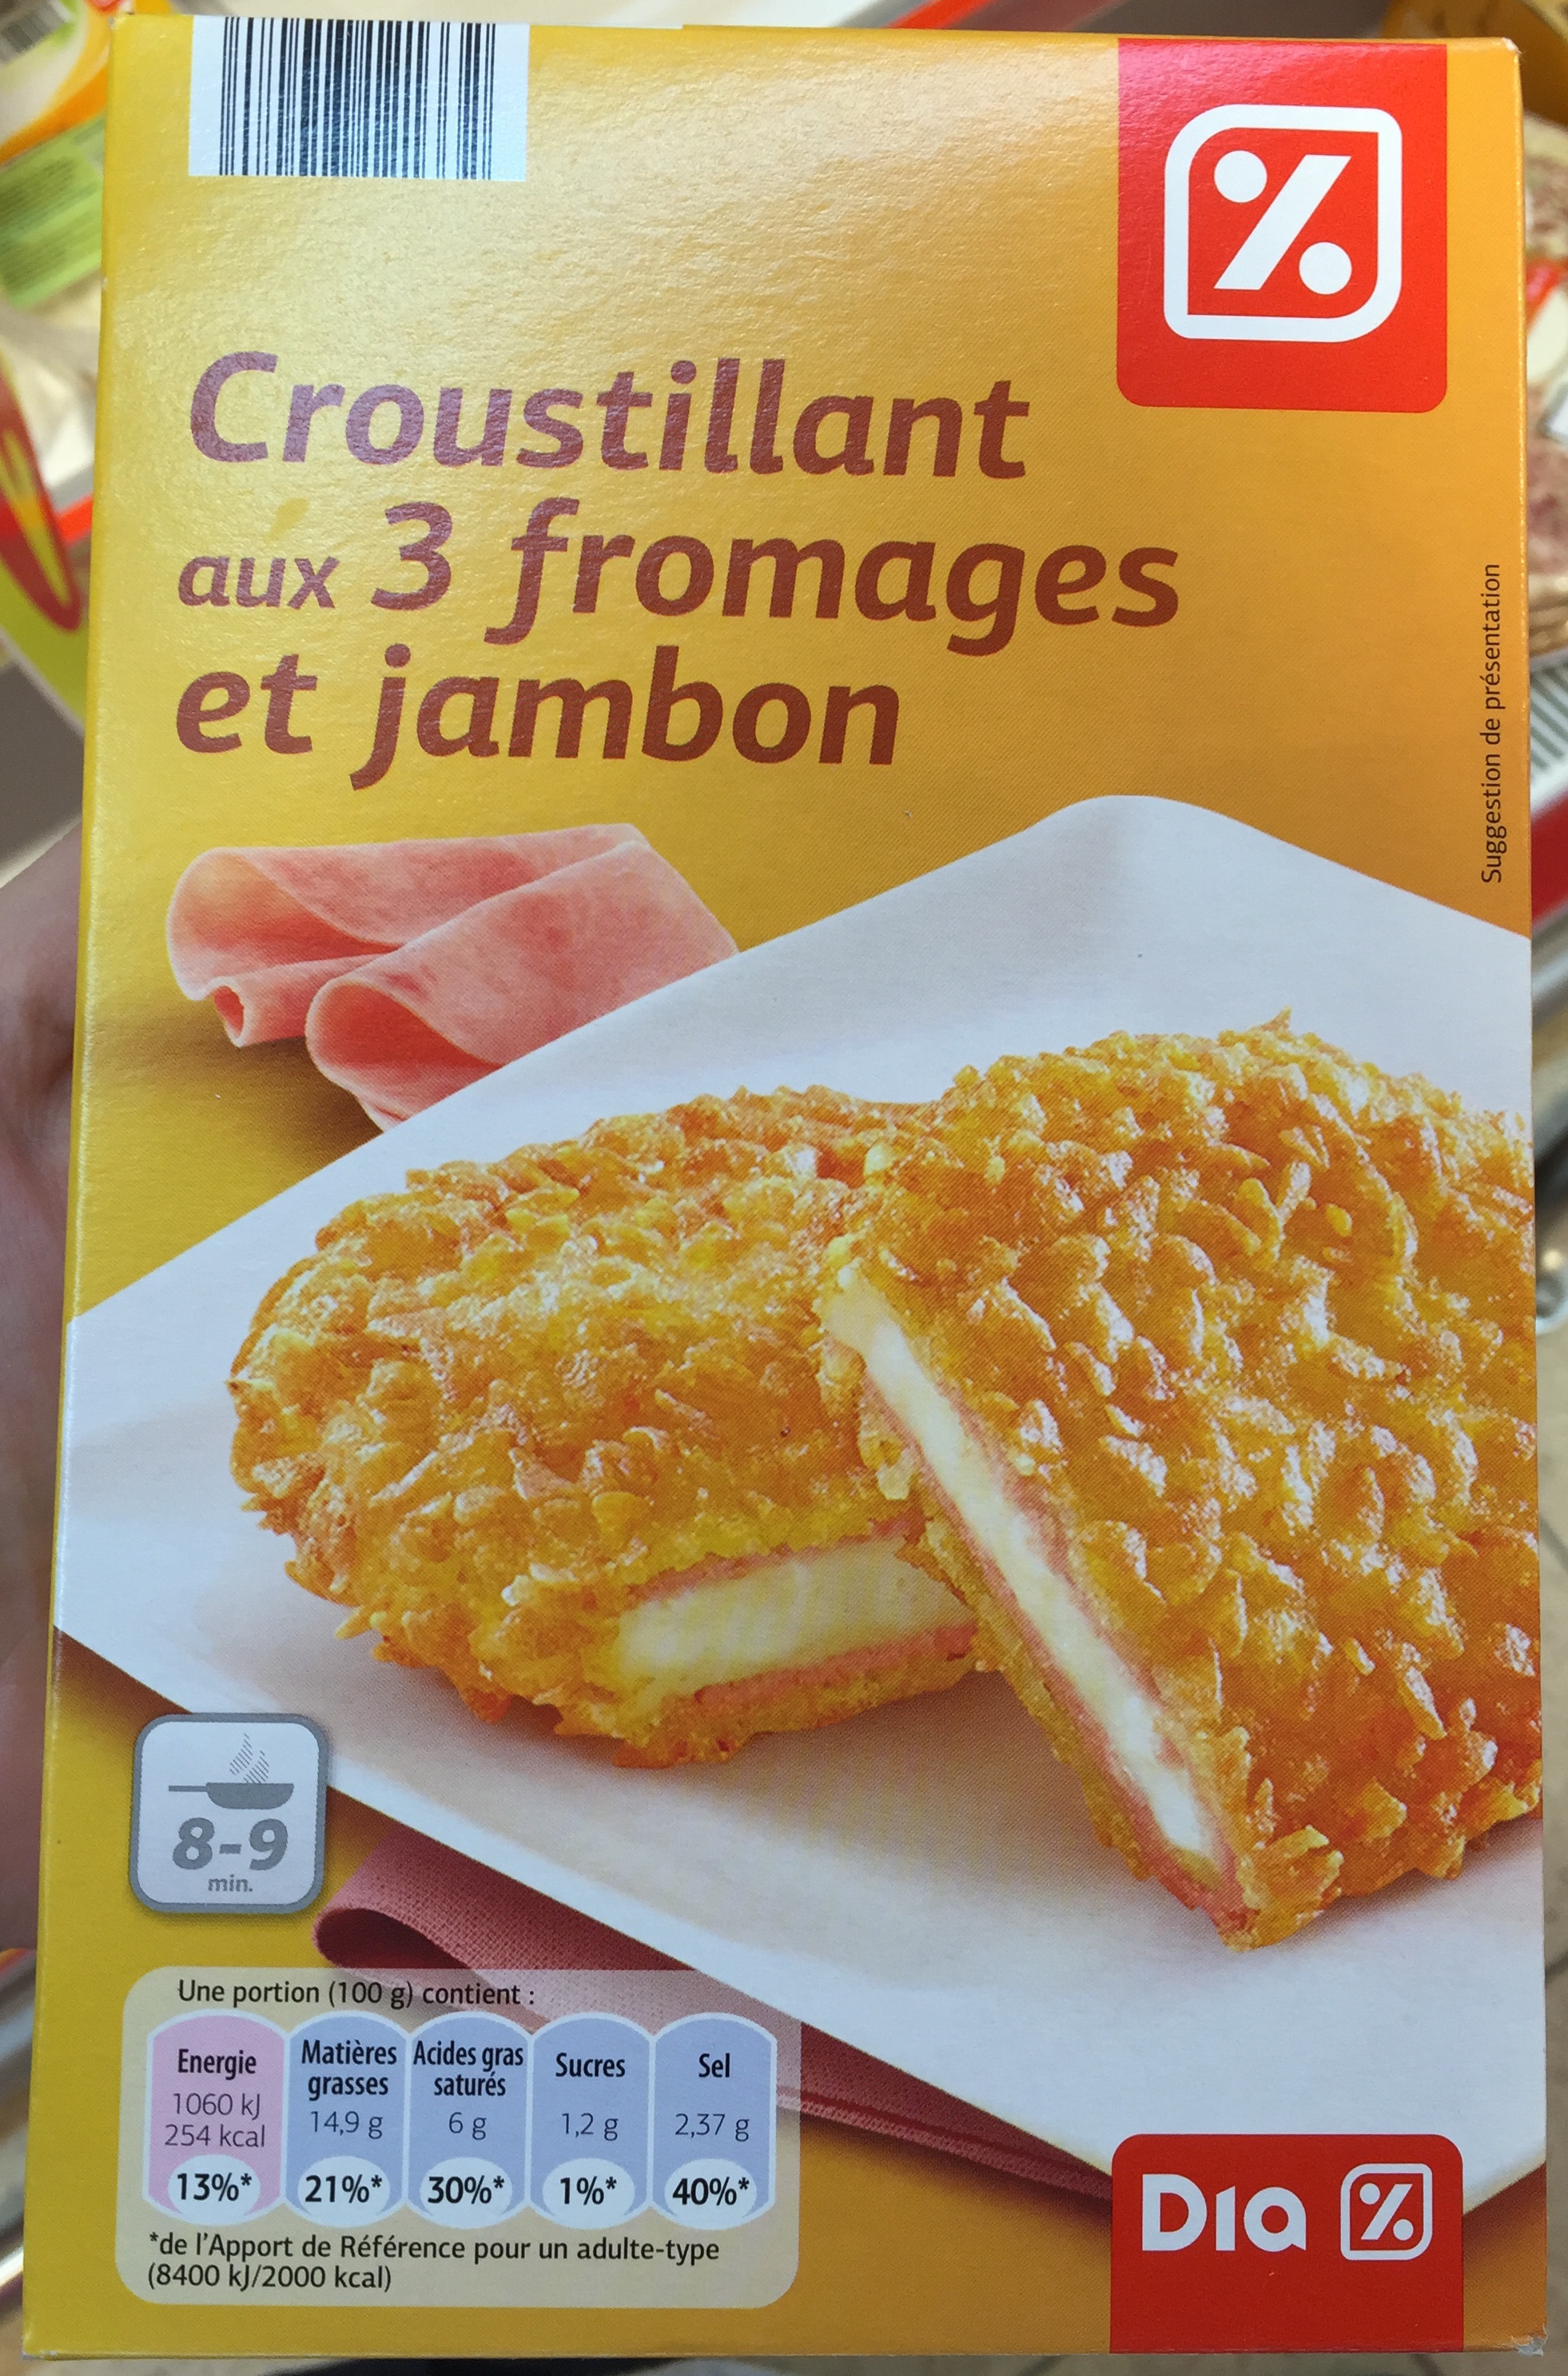 Croustillant aux 3 fromages et jambon - Produit - fr